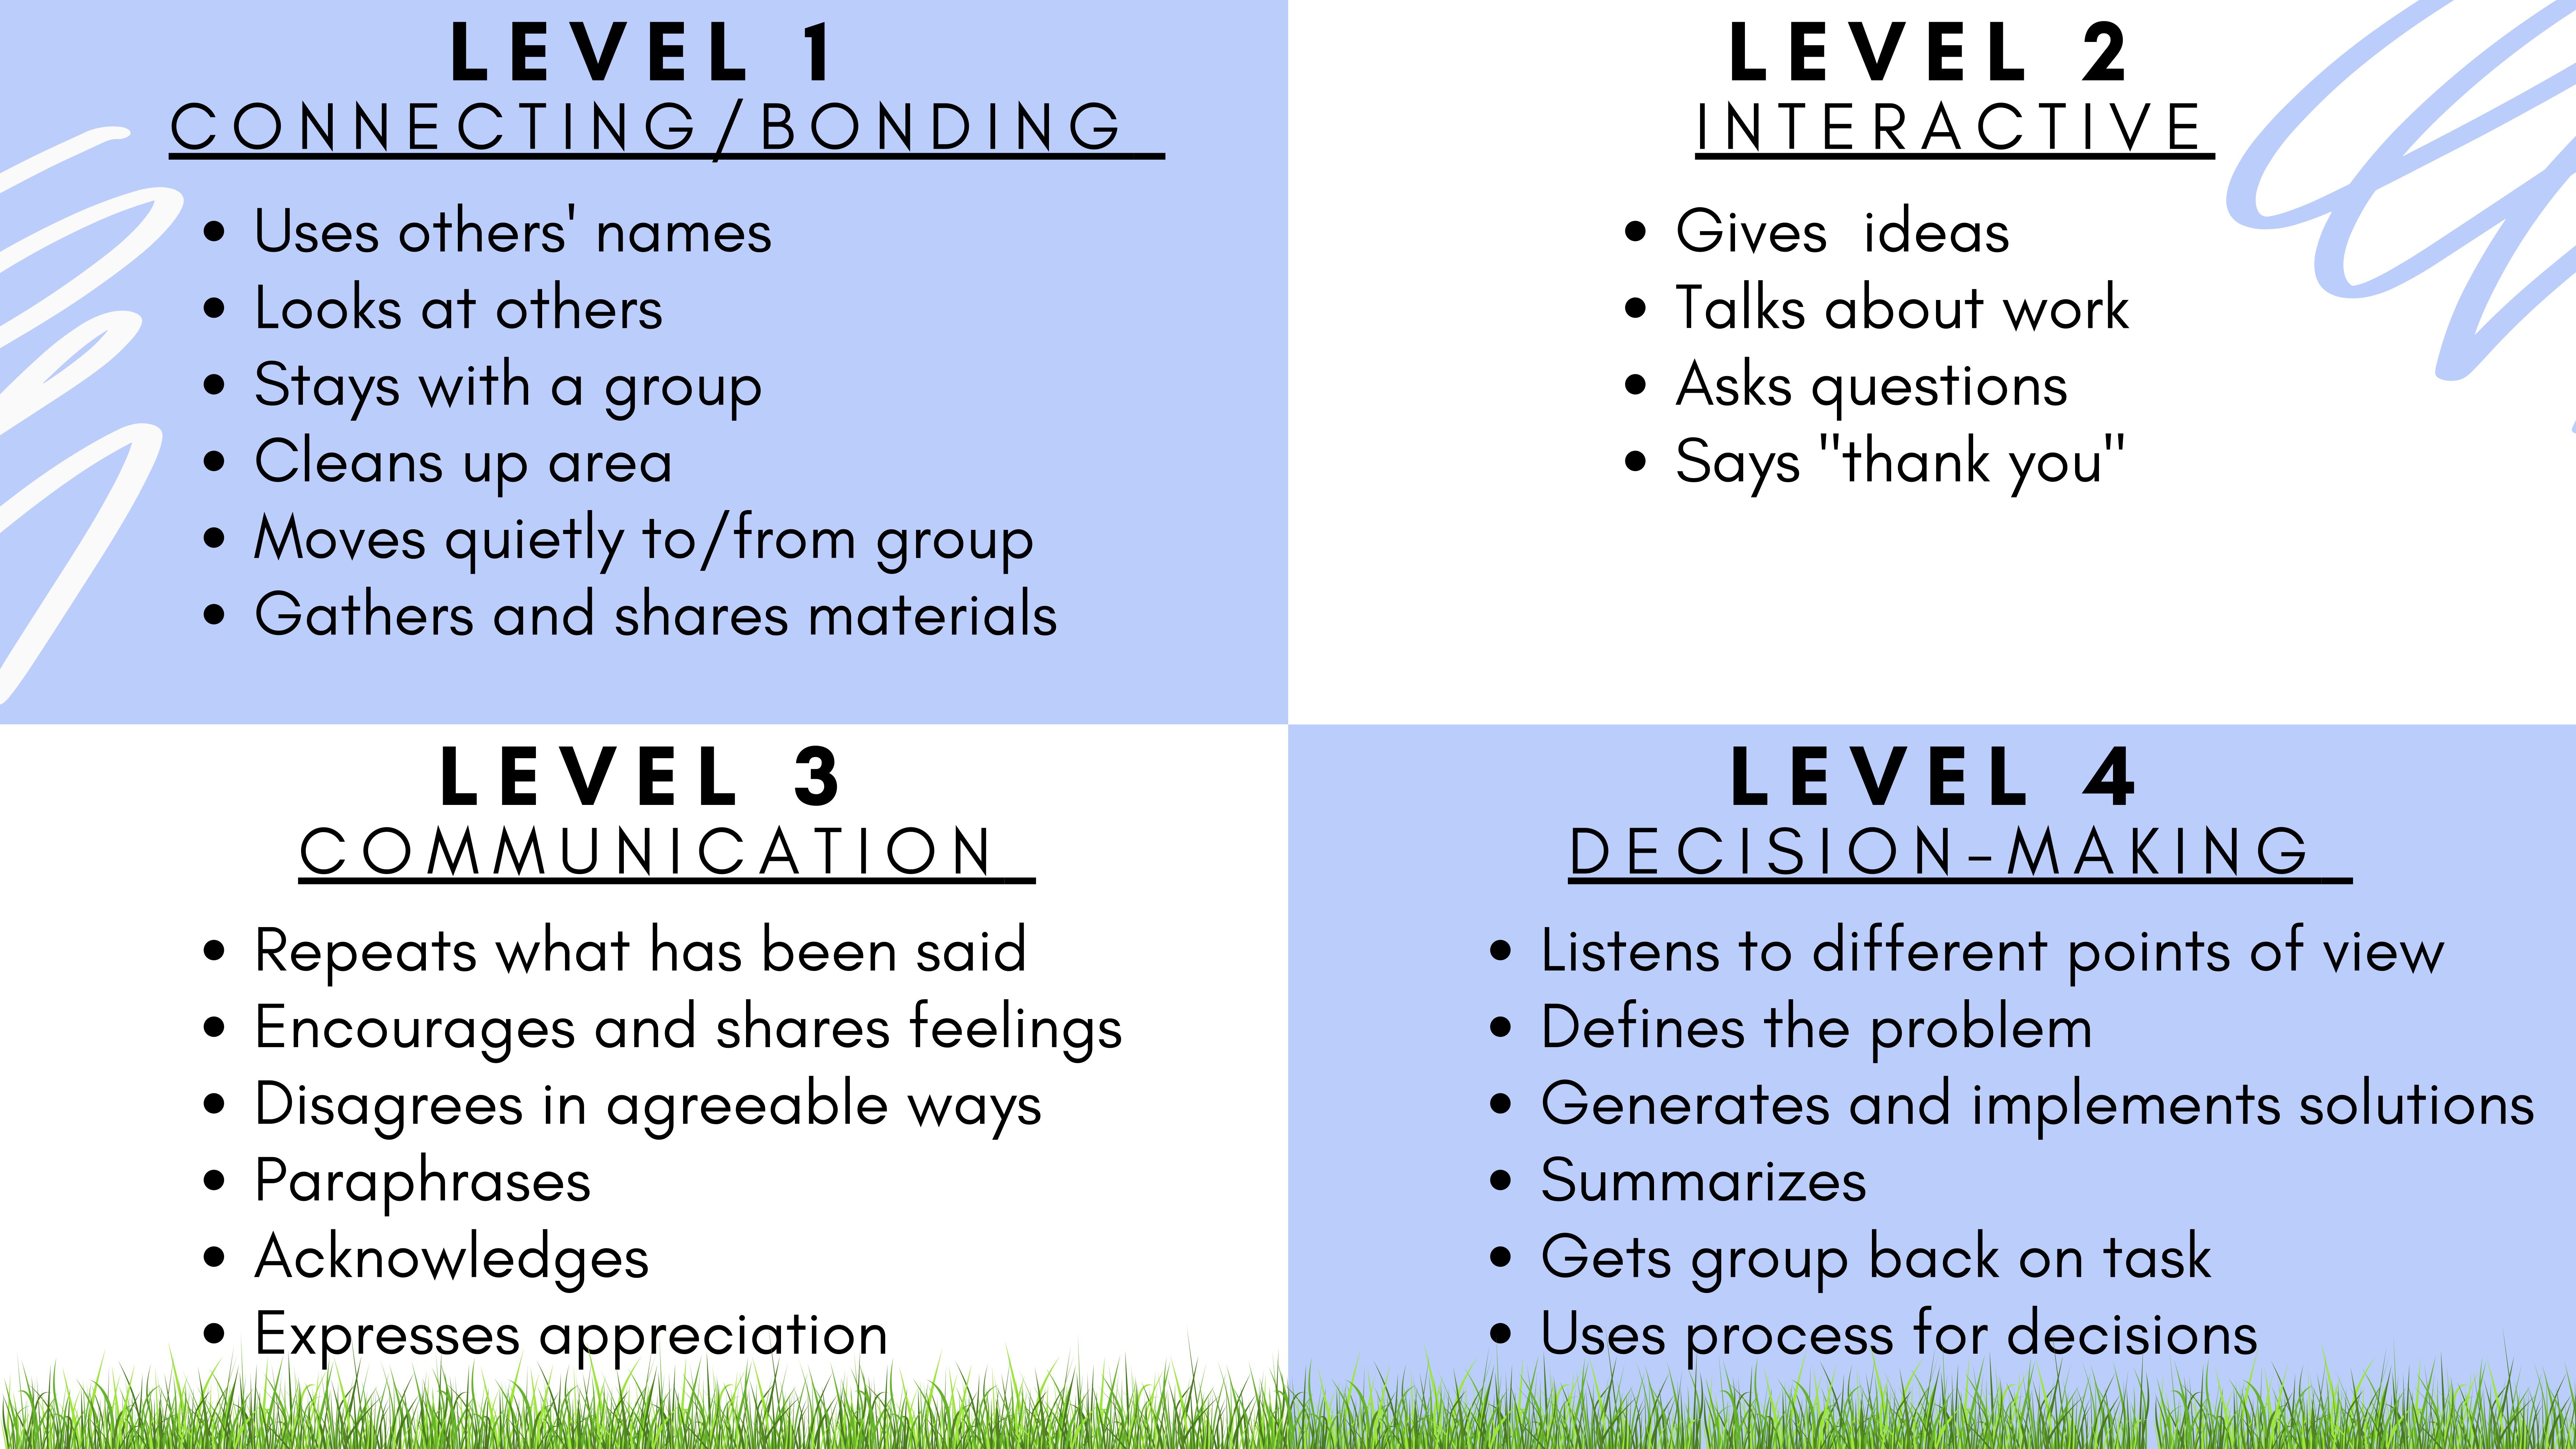 4 levels